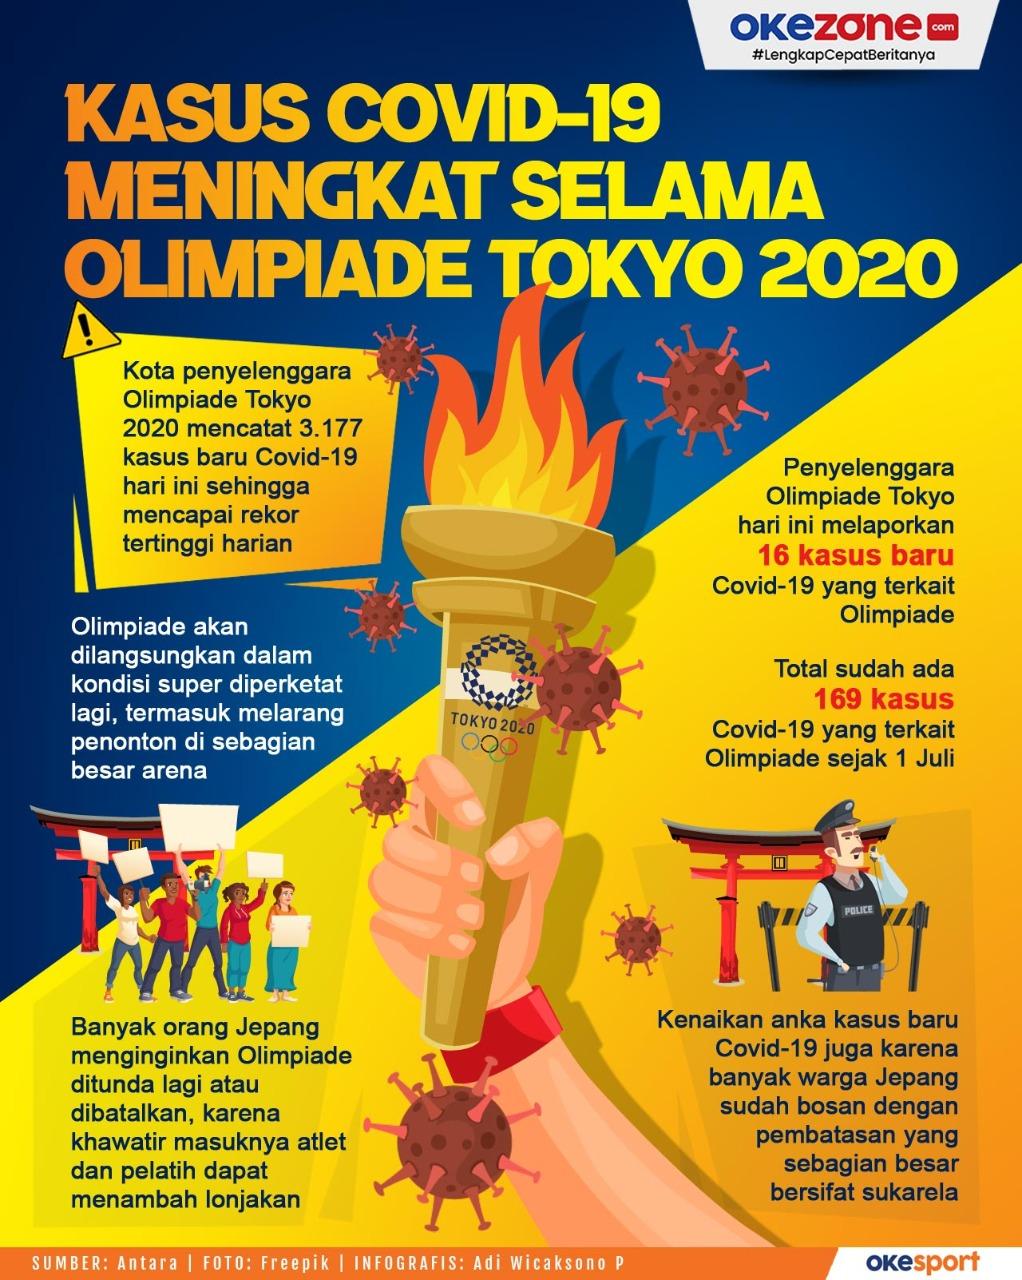 Kasus Covid-19 Meningkat Selama Olimpiade Tokyo 2020 -